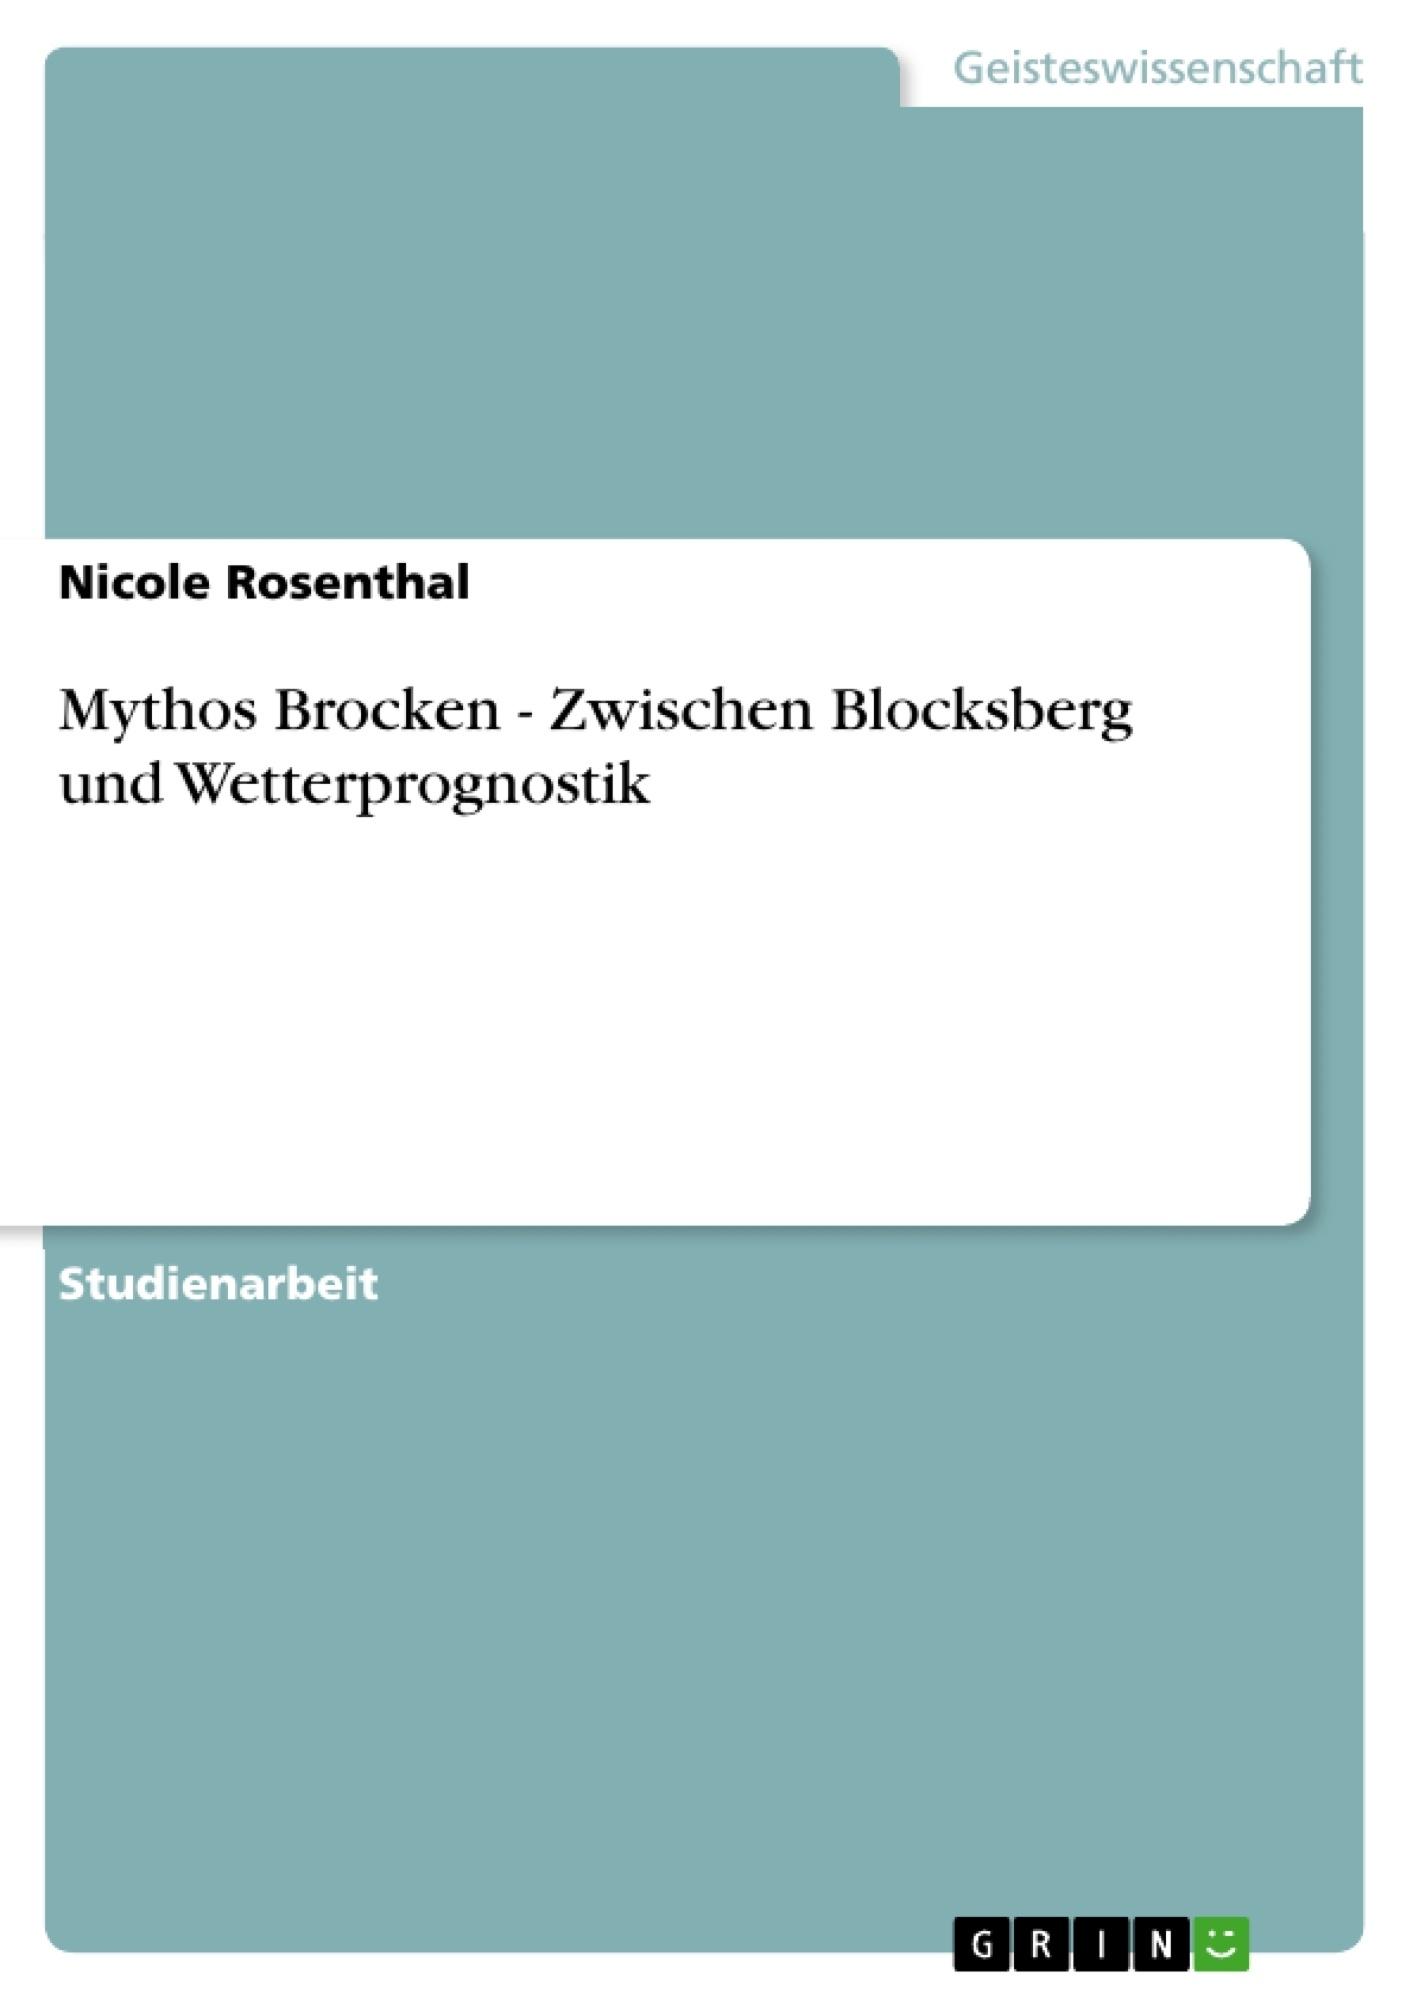 Titel: Mythos Brocken - Zwischen Blocksberg und Wetterprognostik